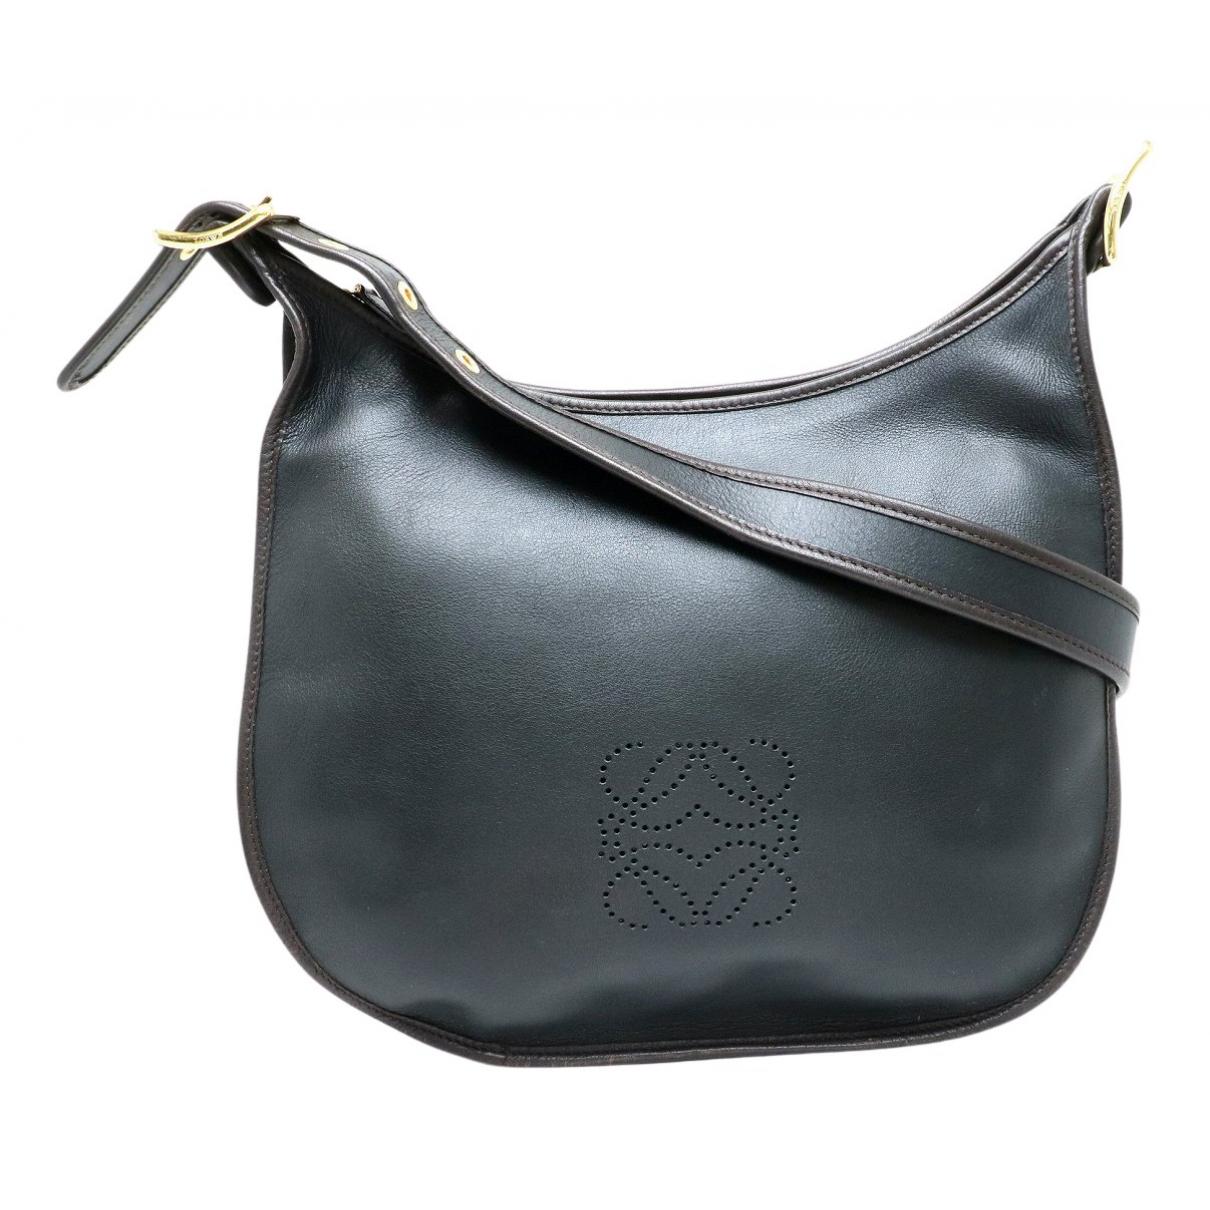 Loewe N Black Leather handbag for Women N